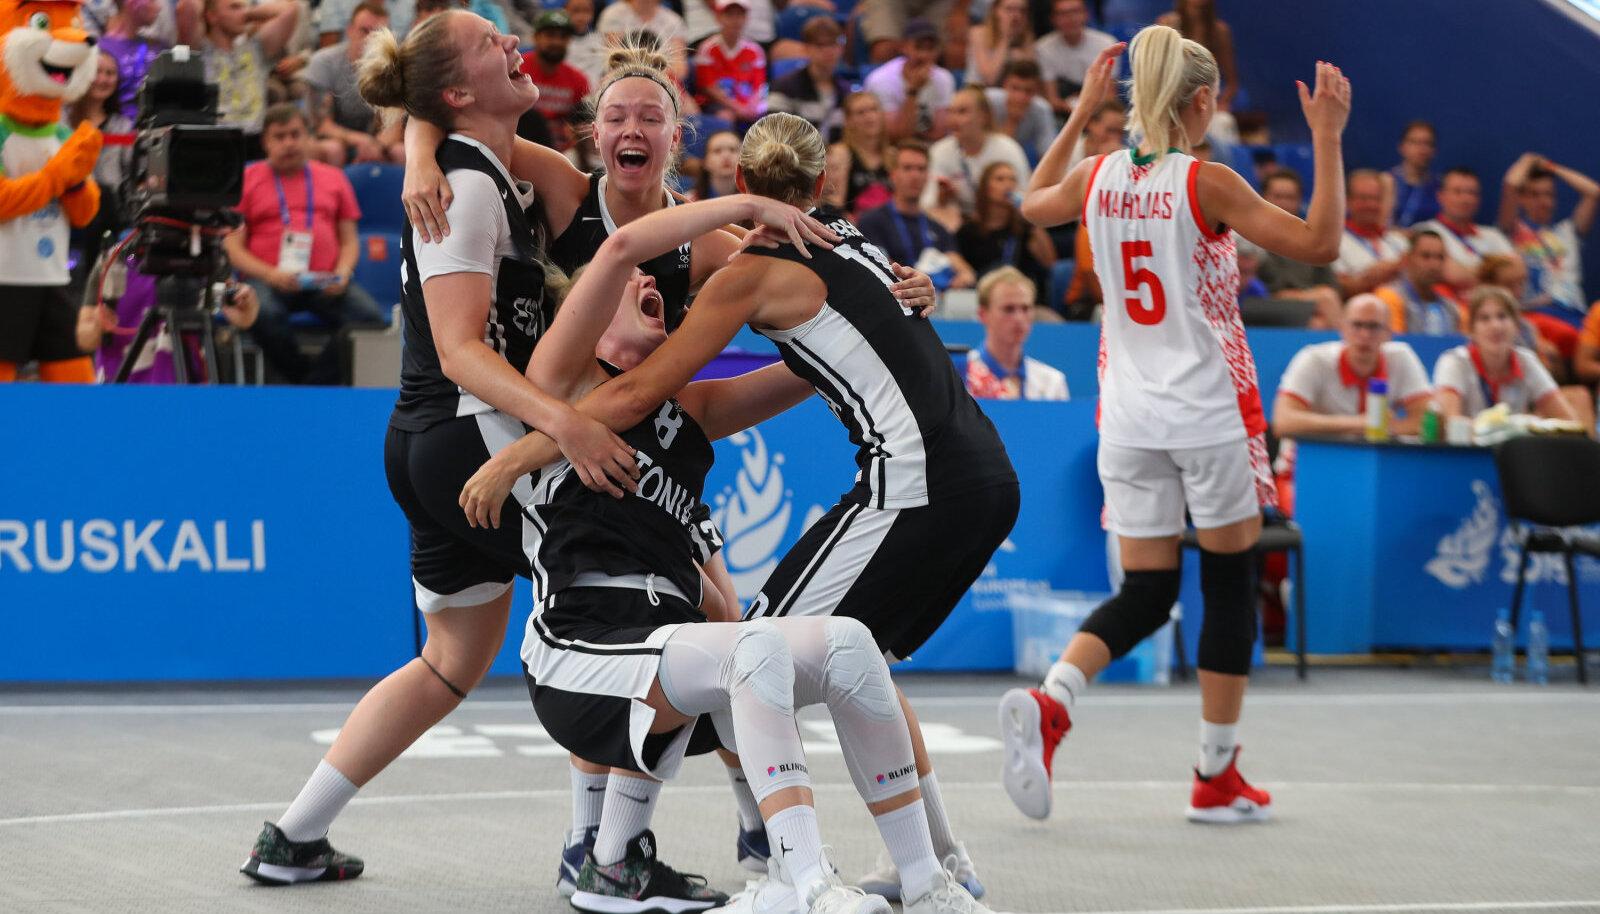 Эстонская баскетбольная команда - призер Европейских игр